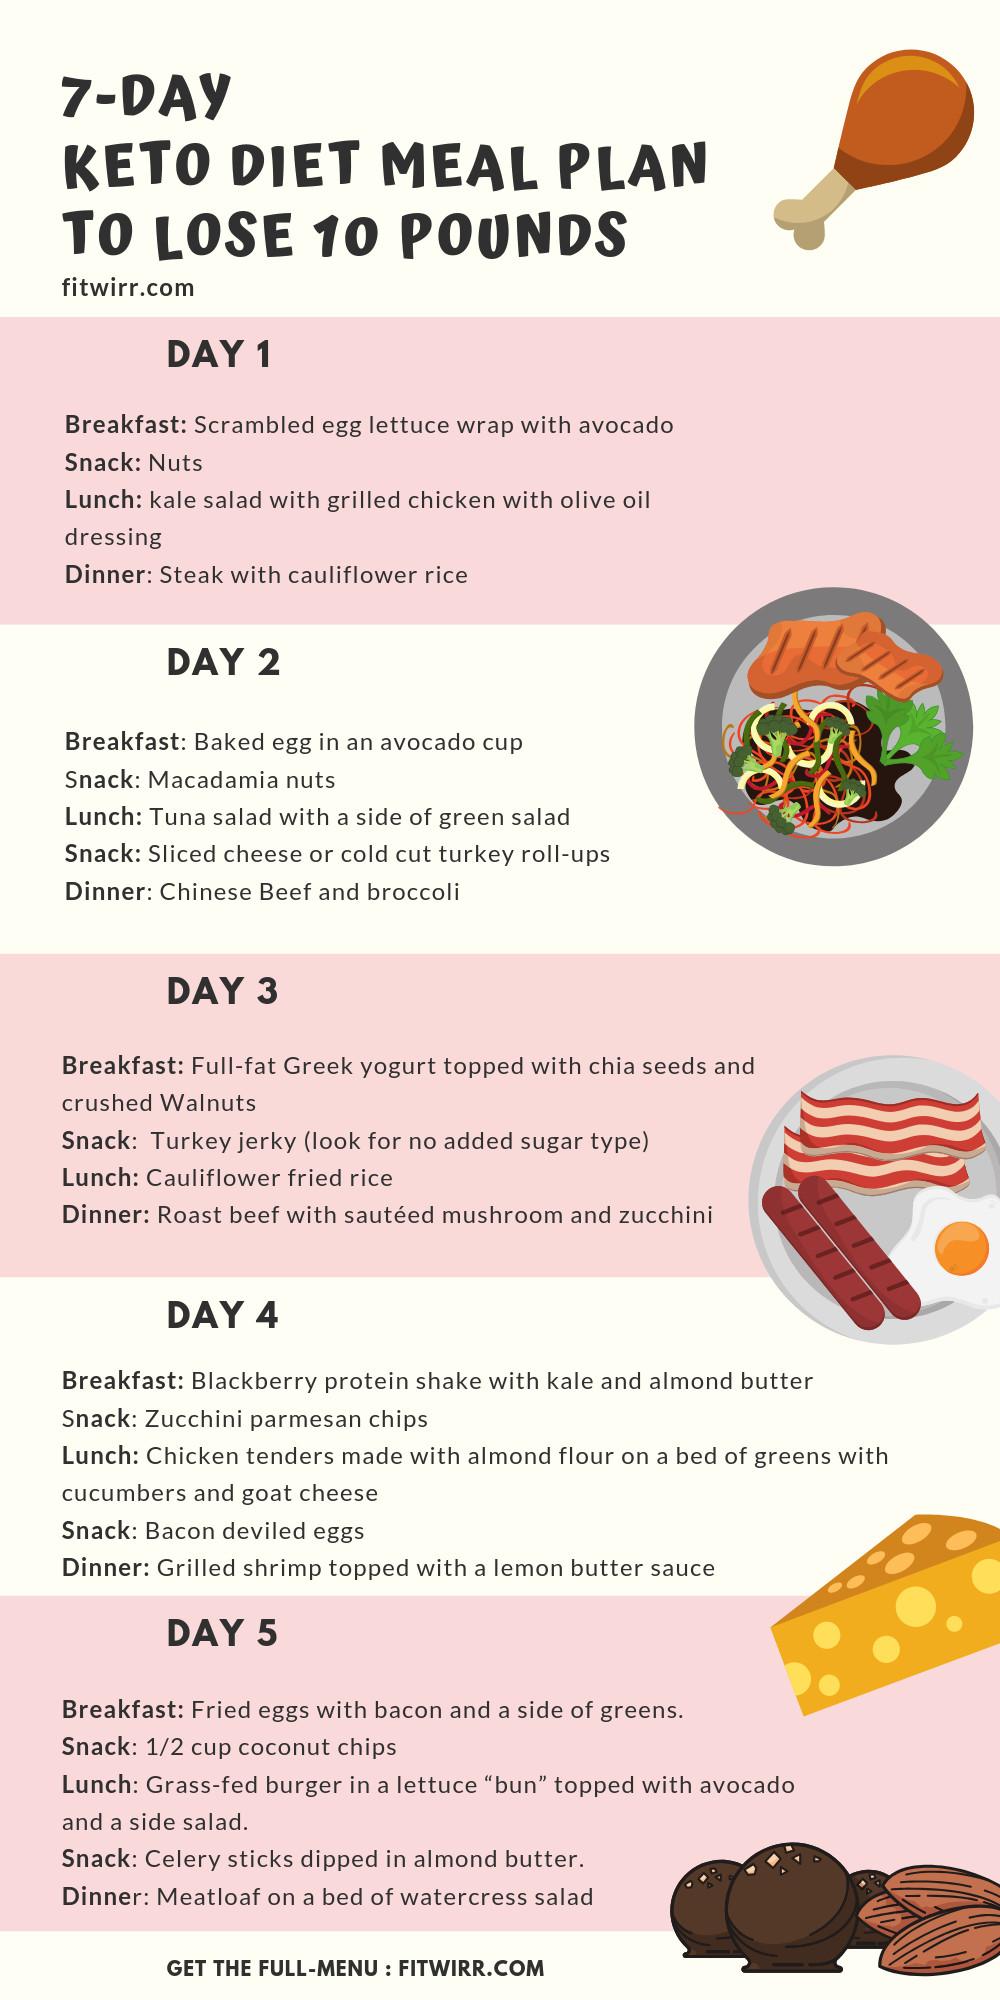 Keto Diet For Beginners Week 1 Meal Plan Easy  Keto Diet Menu 7 Day Keto Meal Plan for Beginners to Lose